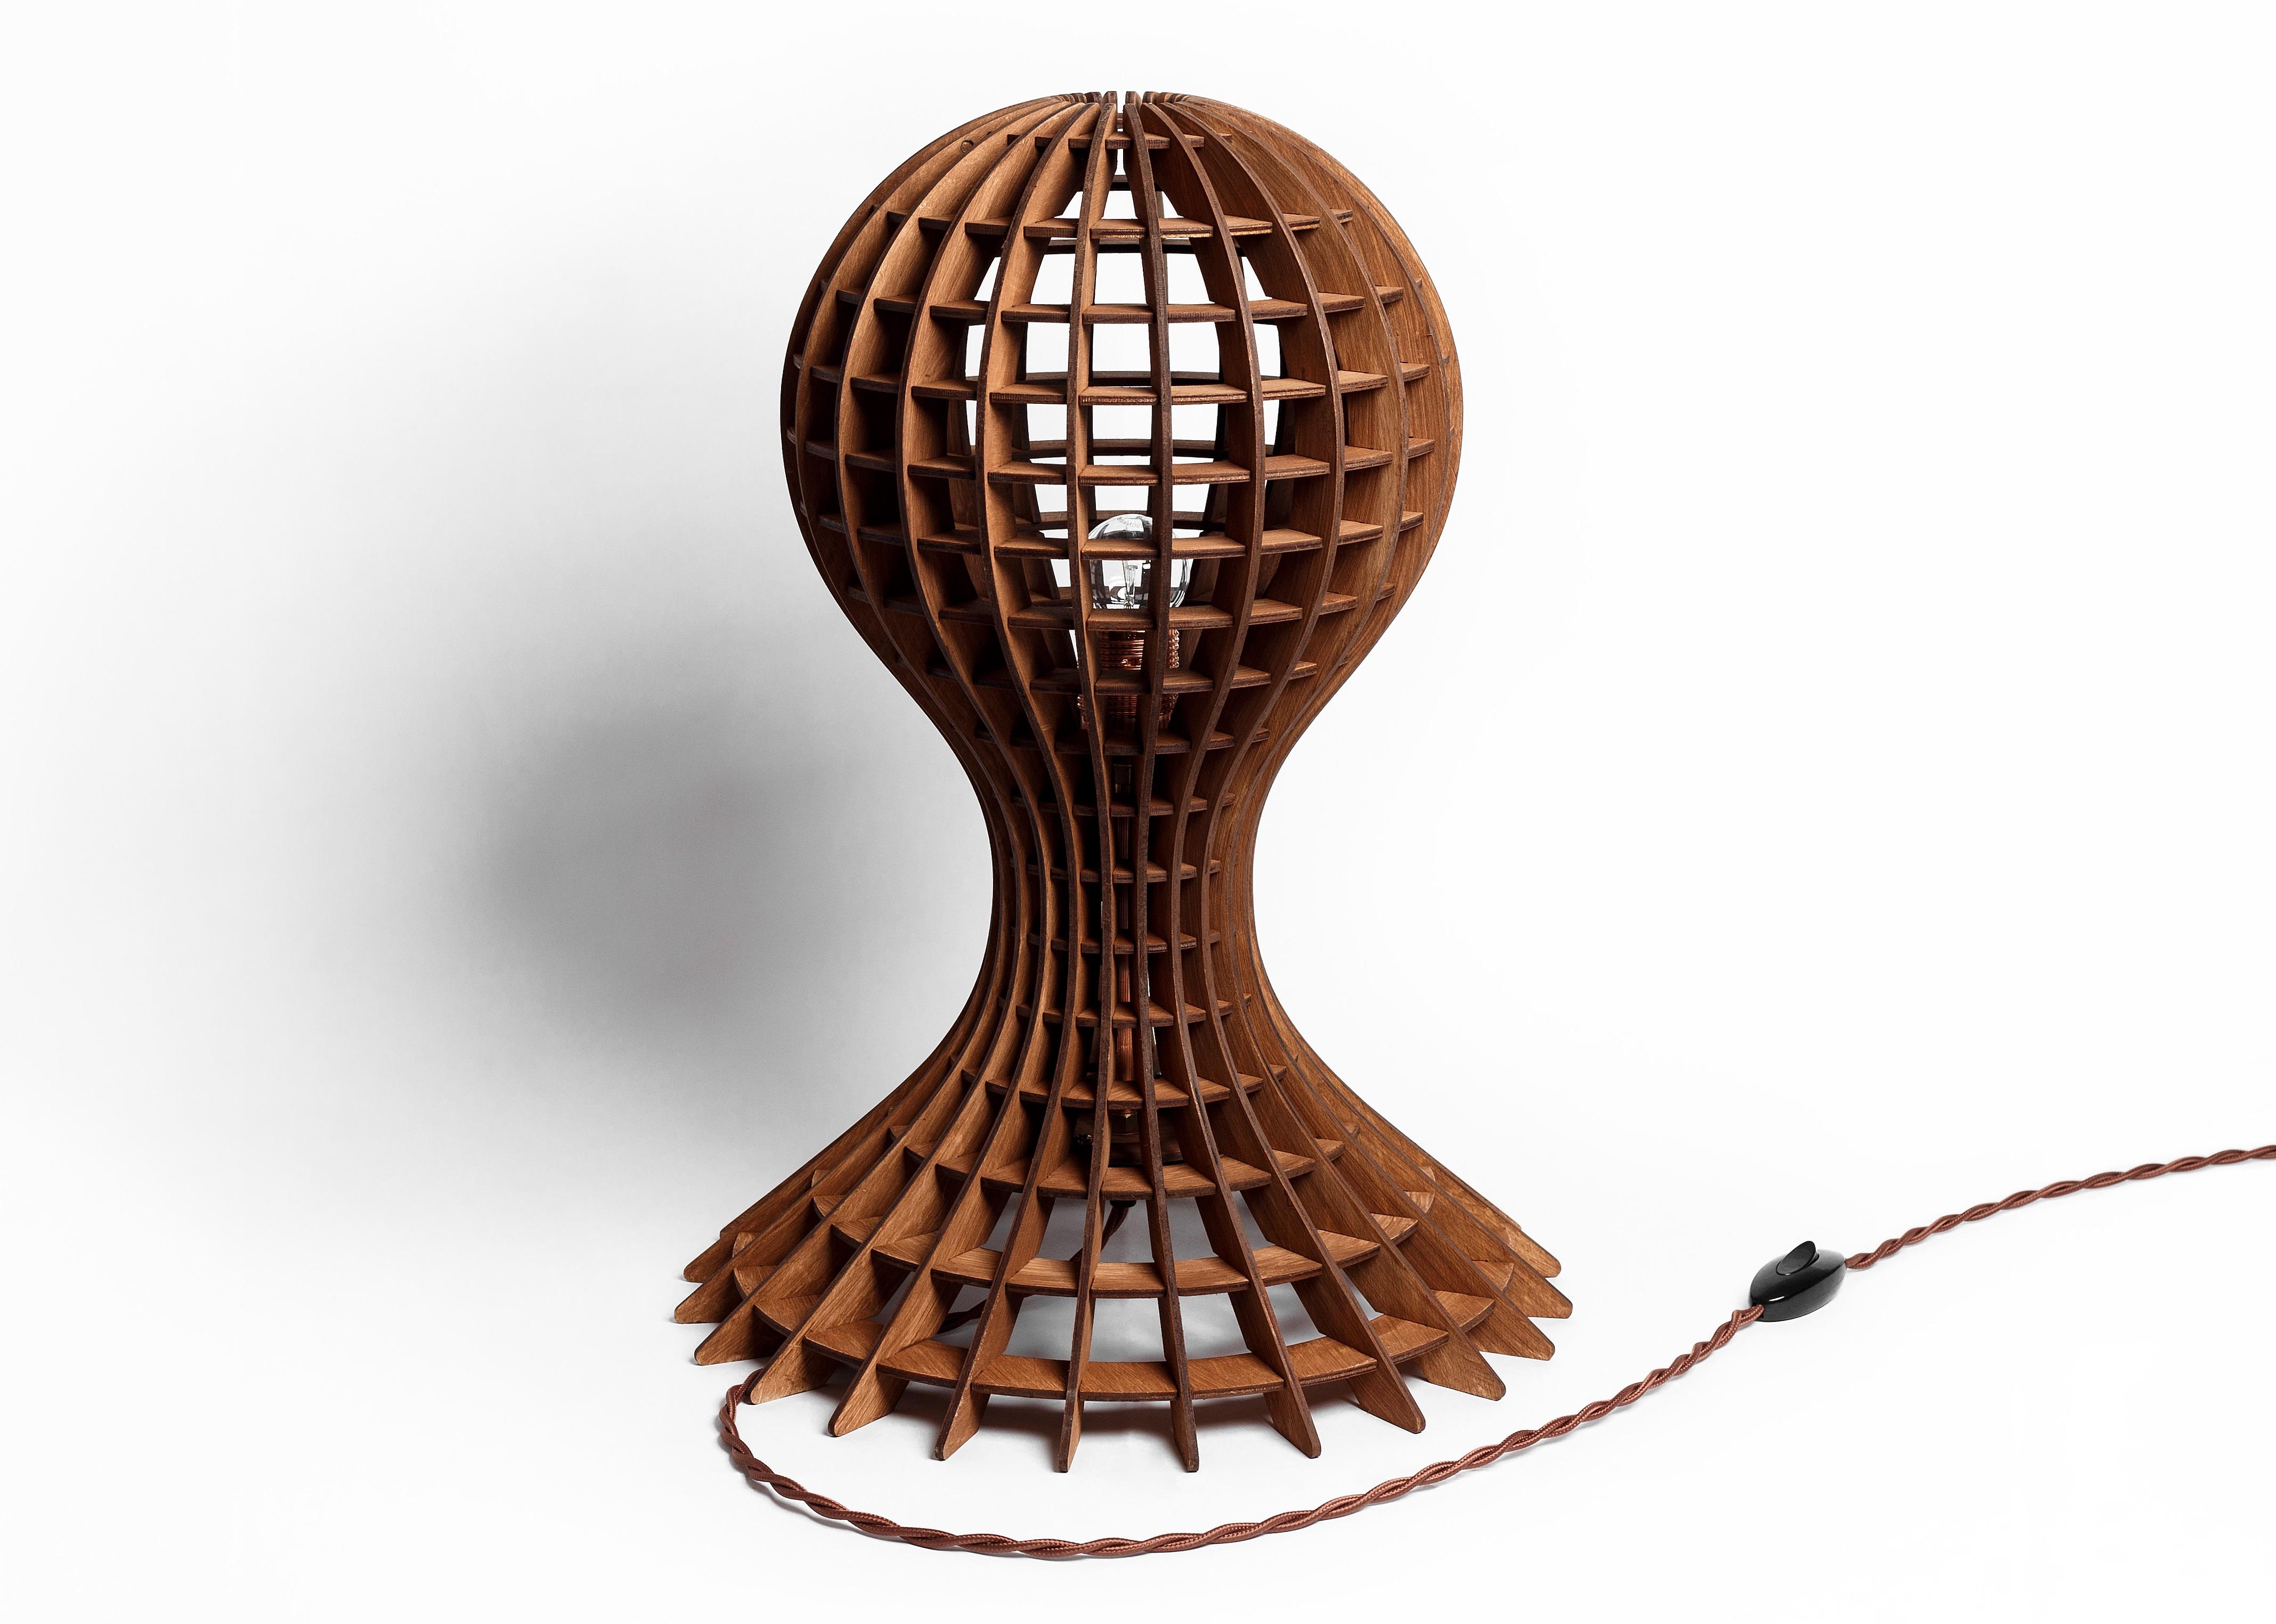 Деревянный светильник МедузаДекоративные лампы<br>Деревянная люстра в стиле Лофт. Возможно изготовление в двух цветах - натуральный ( покрытый лаком ) и темный ( мореный )&amp;amp;nbsp;&amp;lt;div&amp;gt;&amp;lt;br&amp;gt;&amp;lt;/div&amp;gt;&amp;lt;div&amp;gt;&amp;lt;div&amp;gt;Вид цоколя: E14&amp;lt;/div&amp;gt;&amp;lt;div&amp;gt;Мощность: 40W&amp;lt;/div&amp;gt;&amp;lt;div&amp;gt;Количество ламп: 1 (нет в комплекте)&amp;lt;/div&amp;gt;&amp;lt;/div&amp;gt;<br><br>Material: Дерево<br>Length см: None<br>Width см: None<br>Height см: 50<br>Diameter см: 35